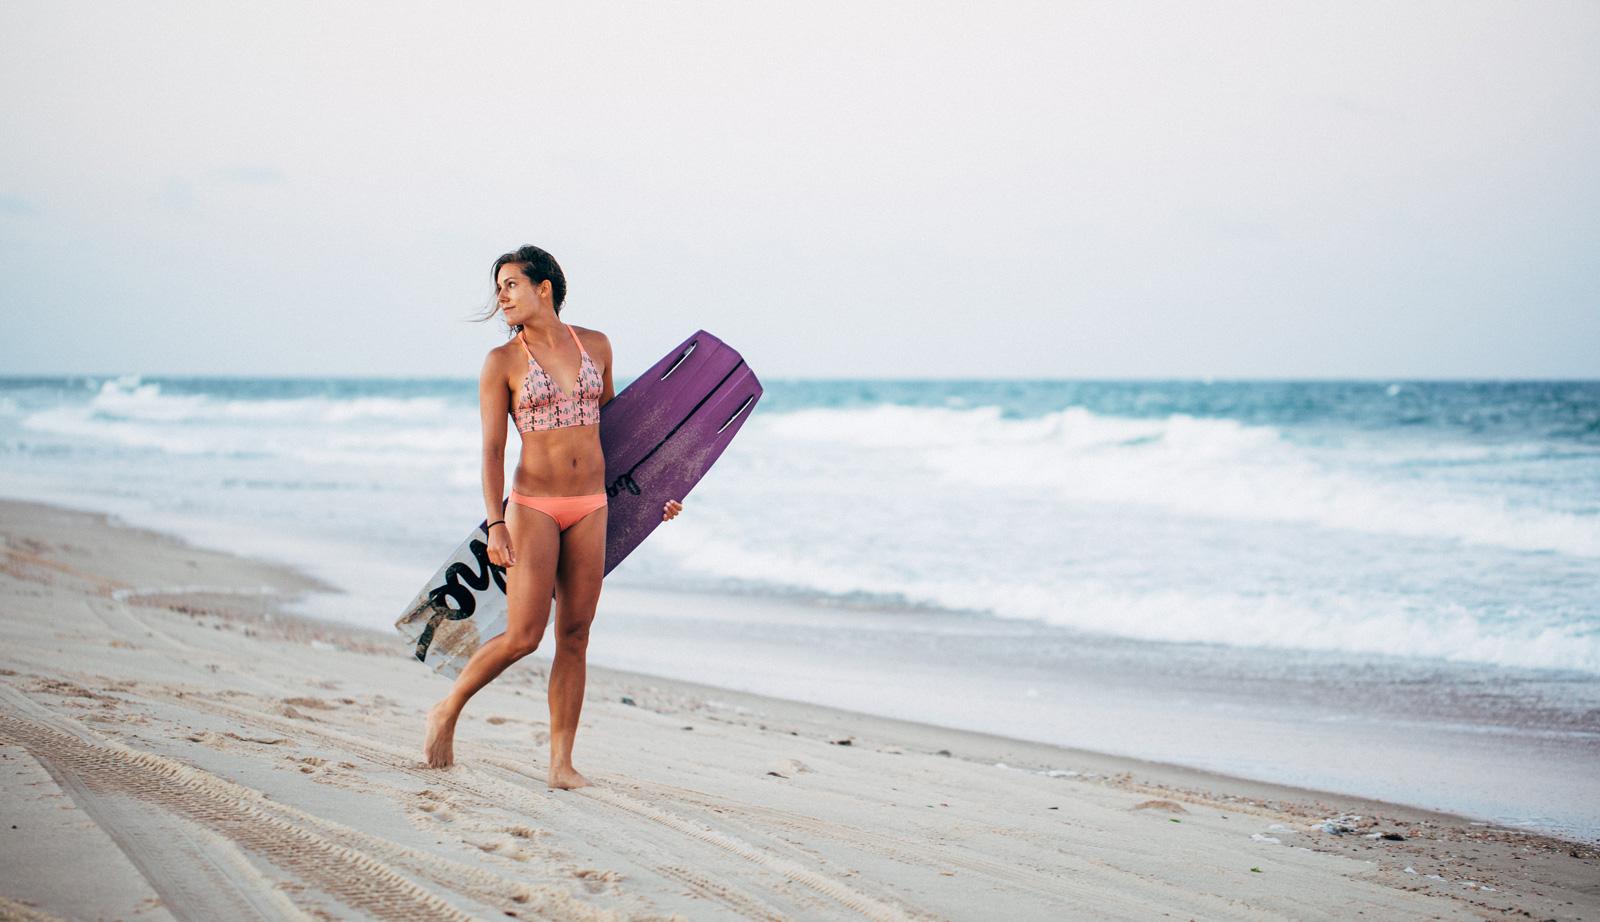 New 2017 Sensi Graves Bikinis Collection  - KiteSista